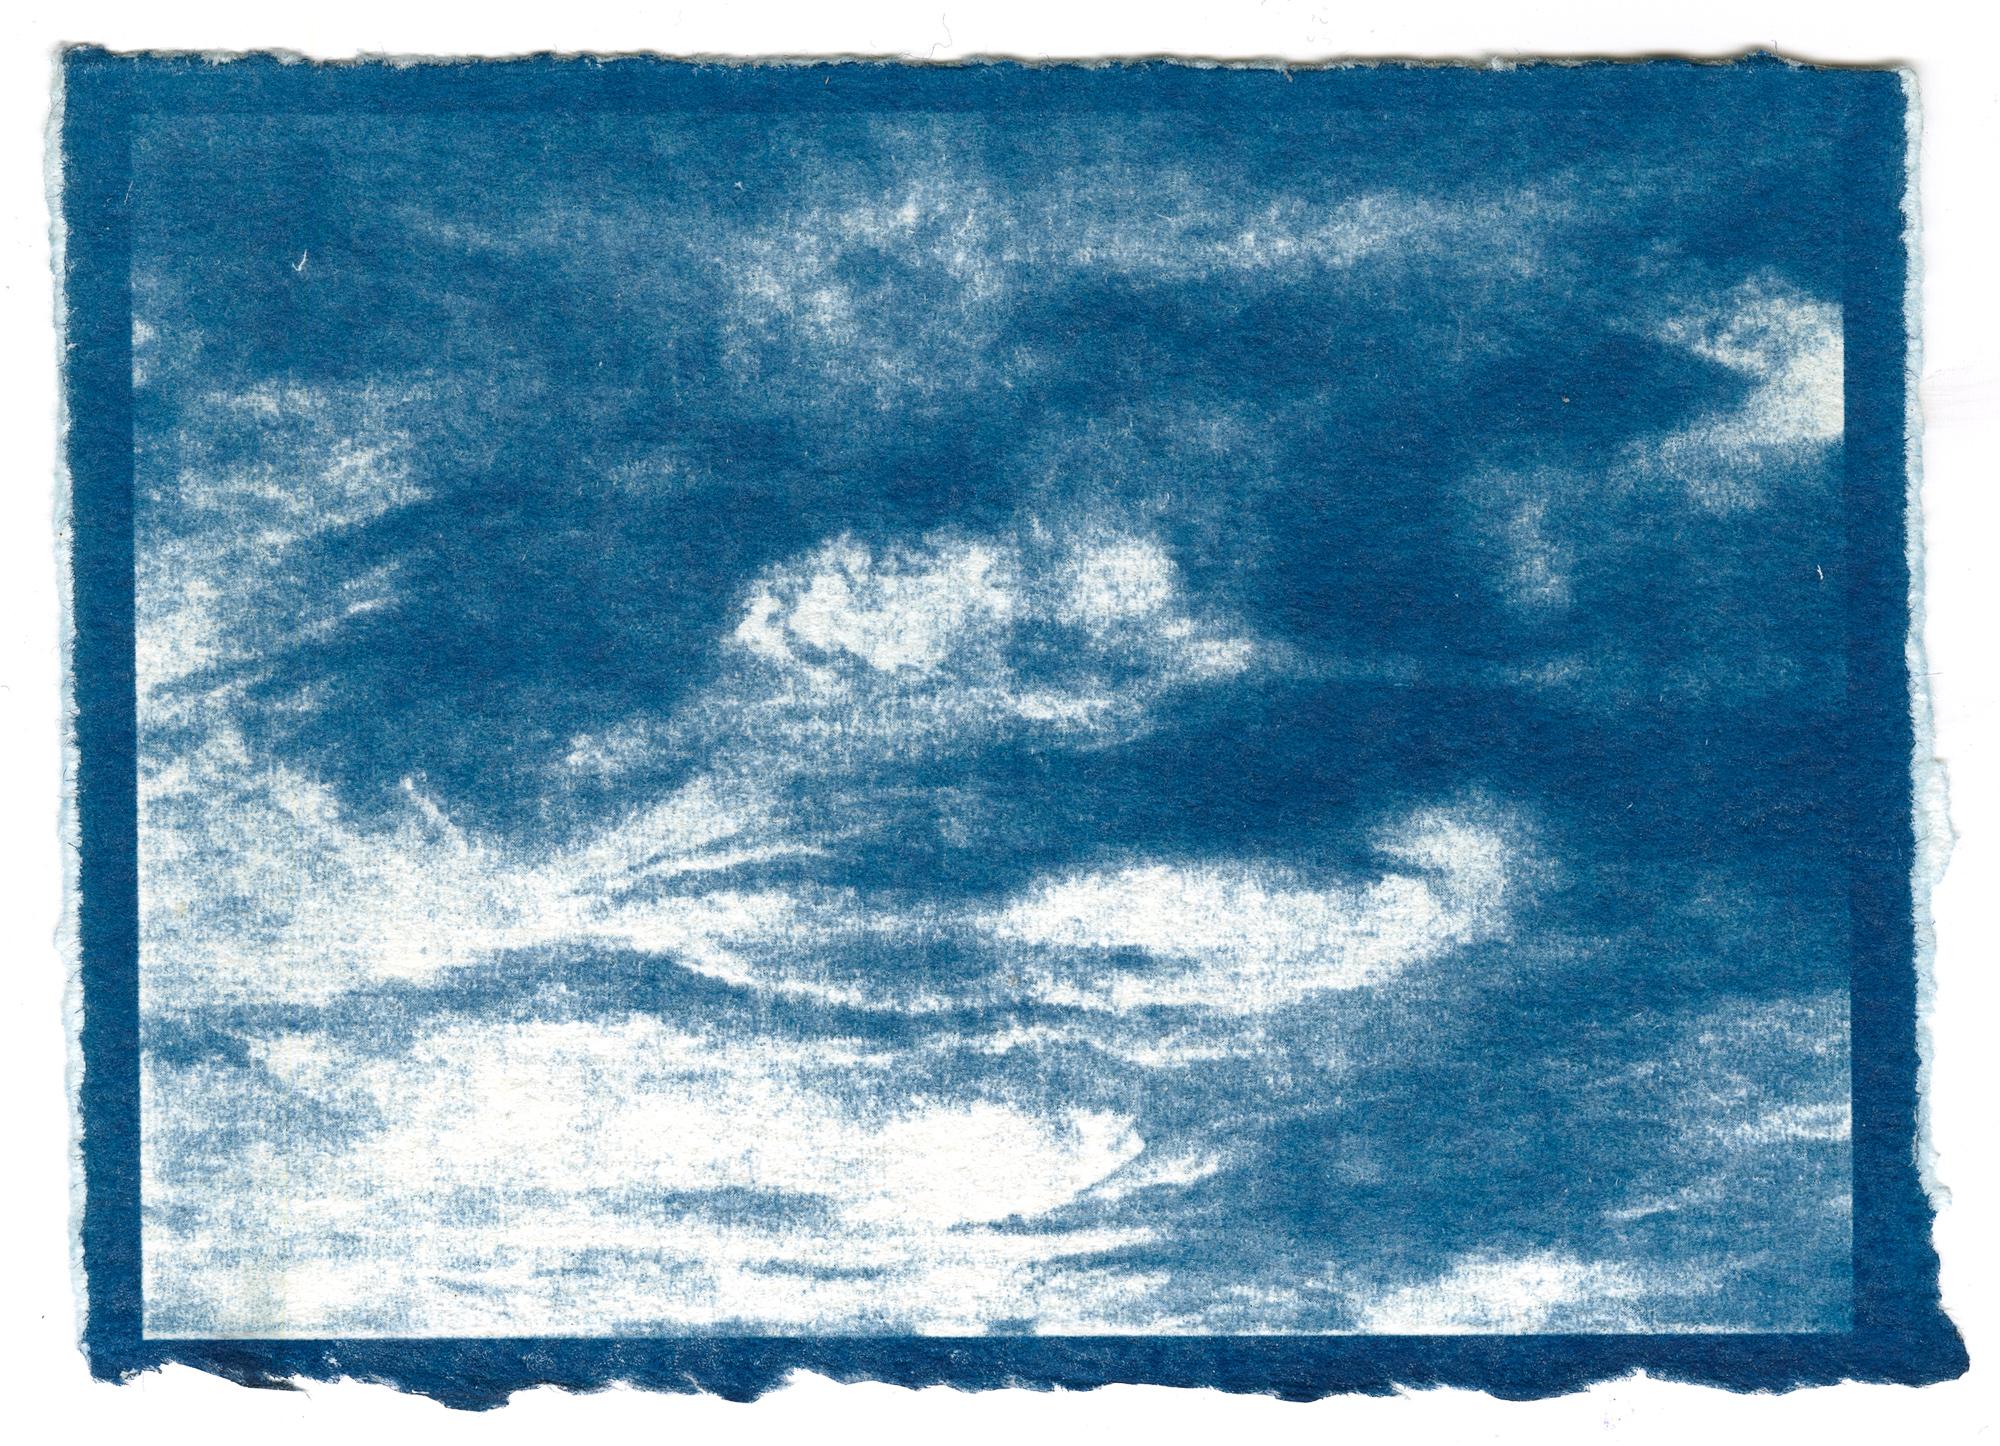 Sky 1 (16).jpg